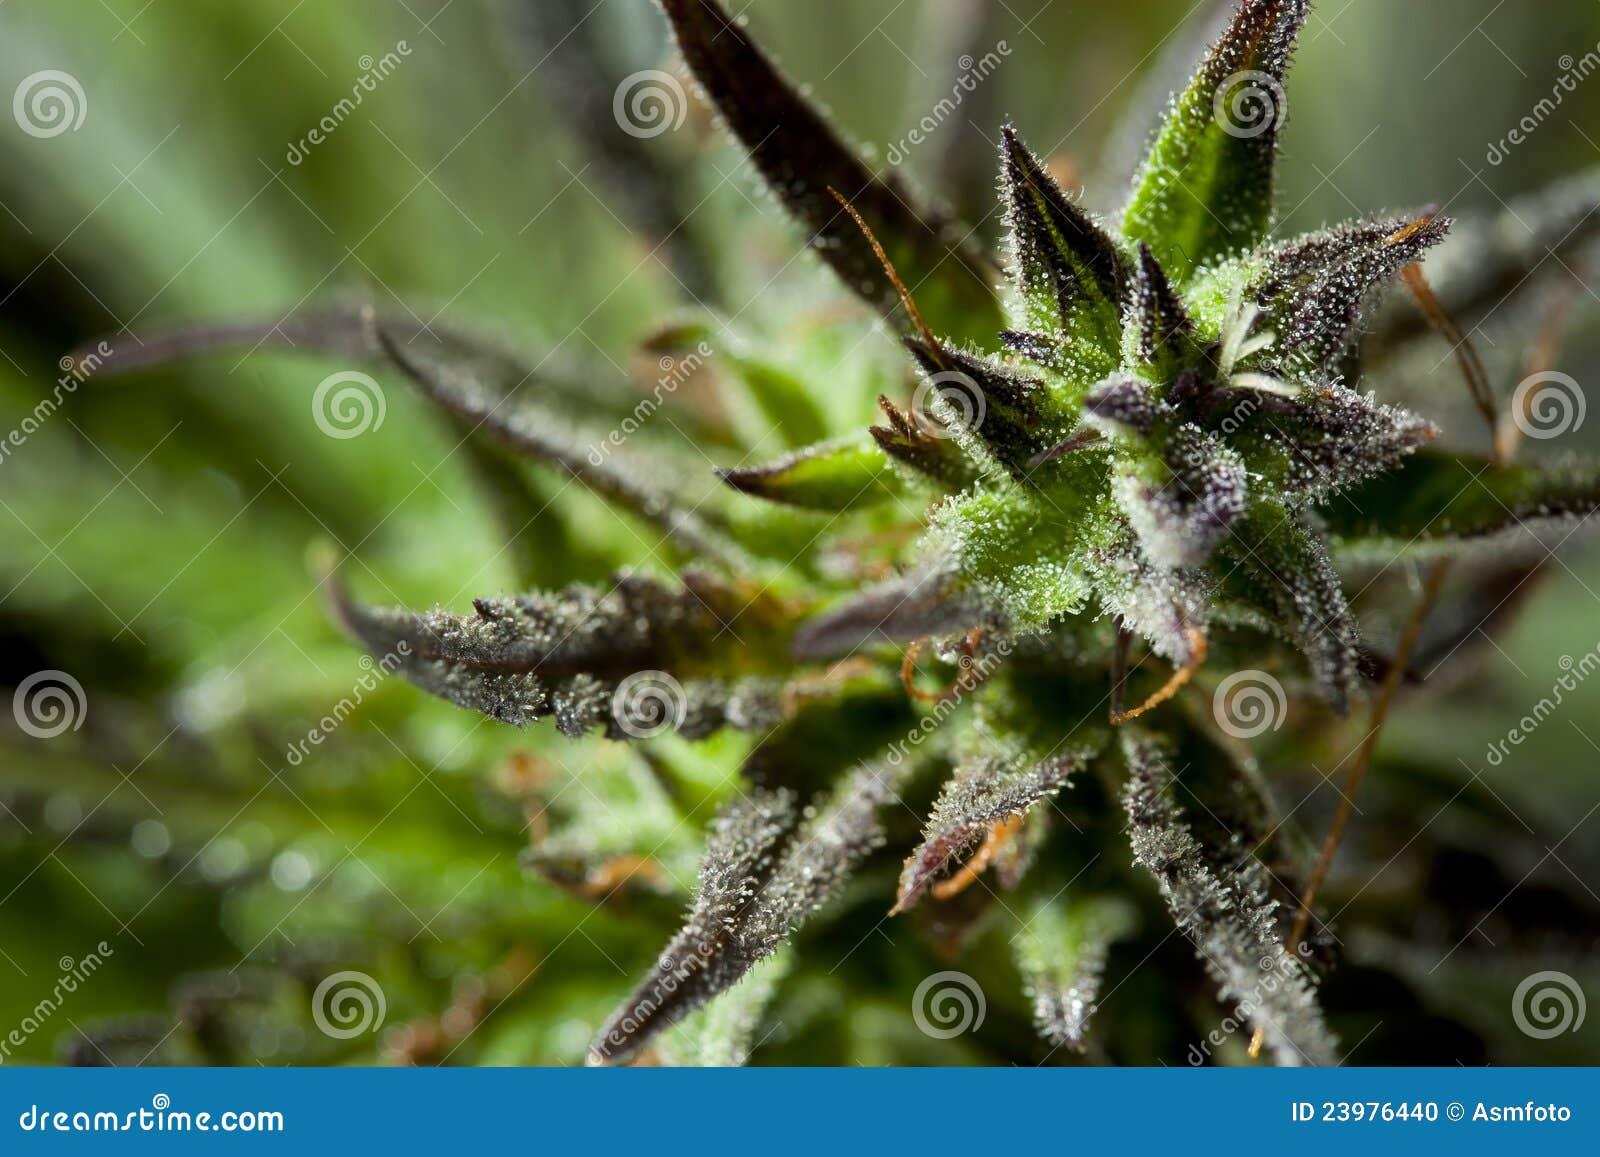 Fotografia dettagliata della pianta della canapa